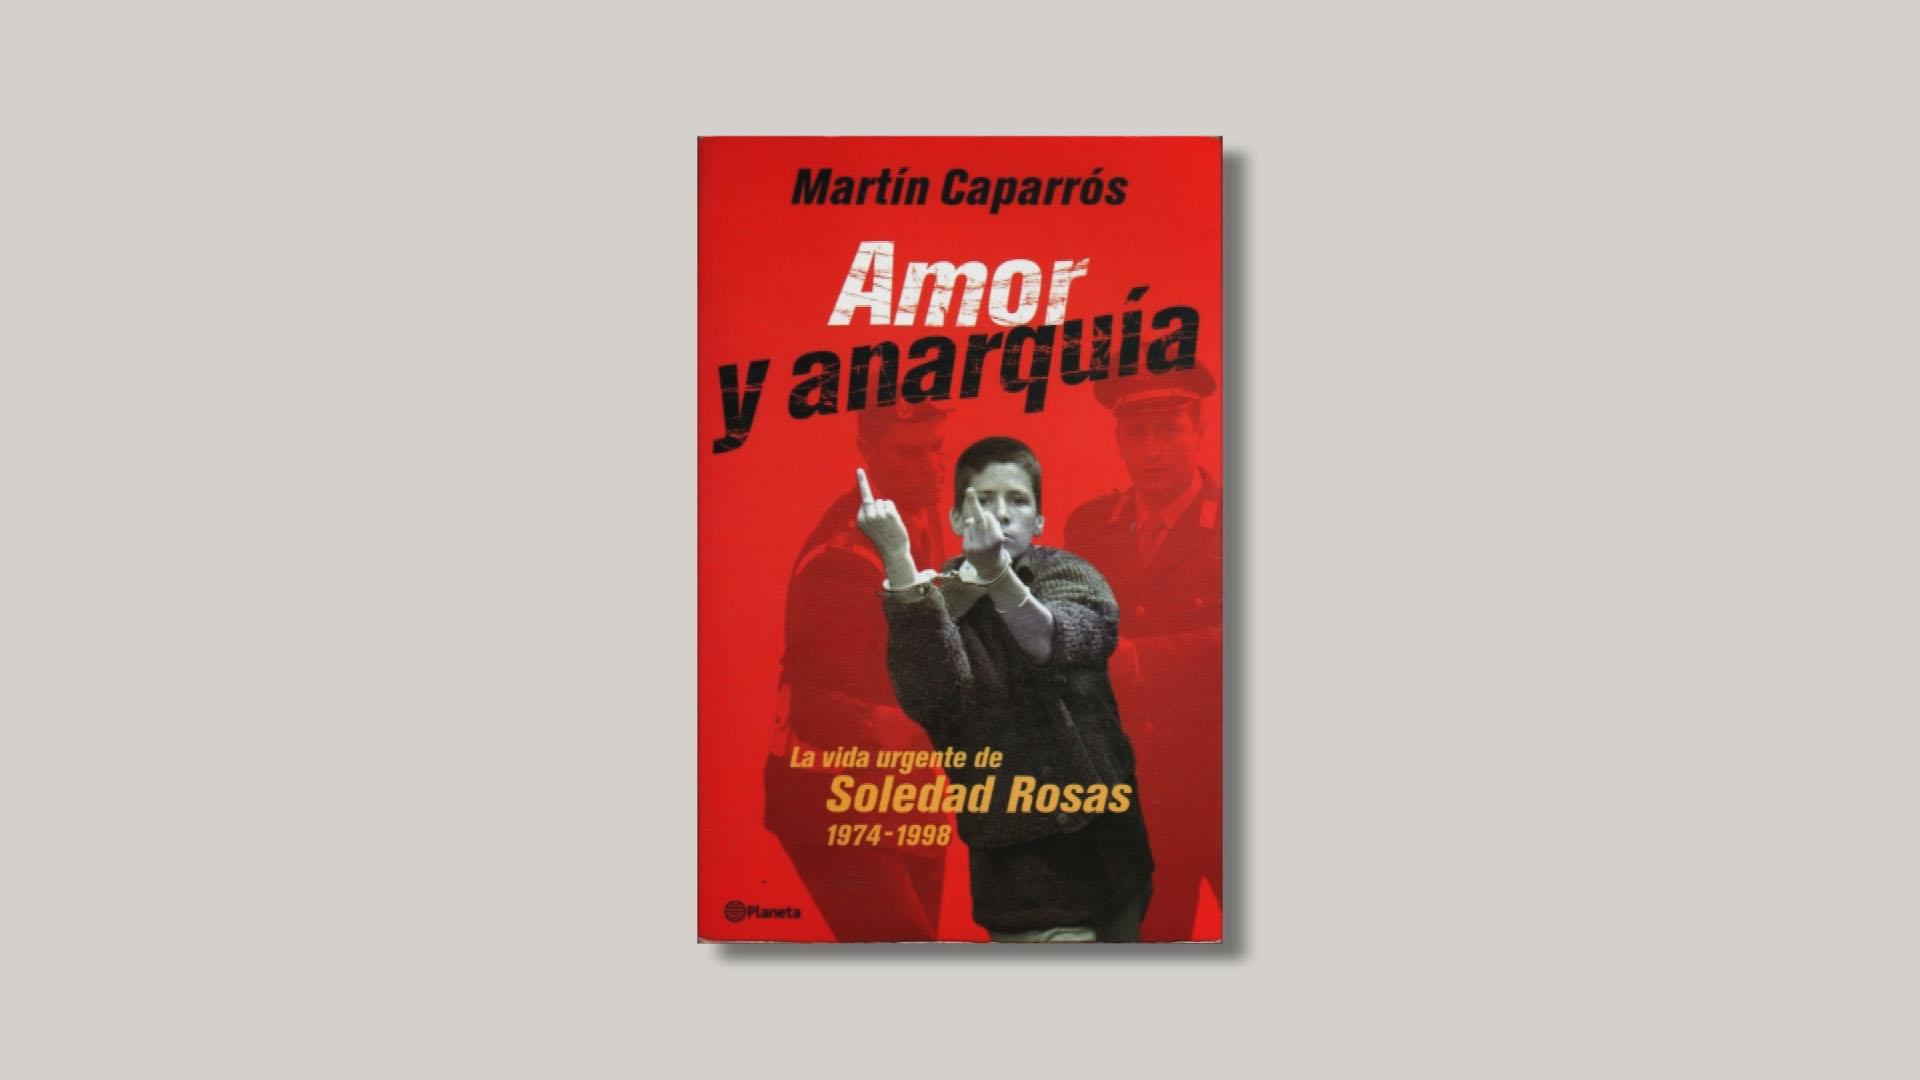 caparros_amor_anarquia